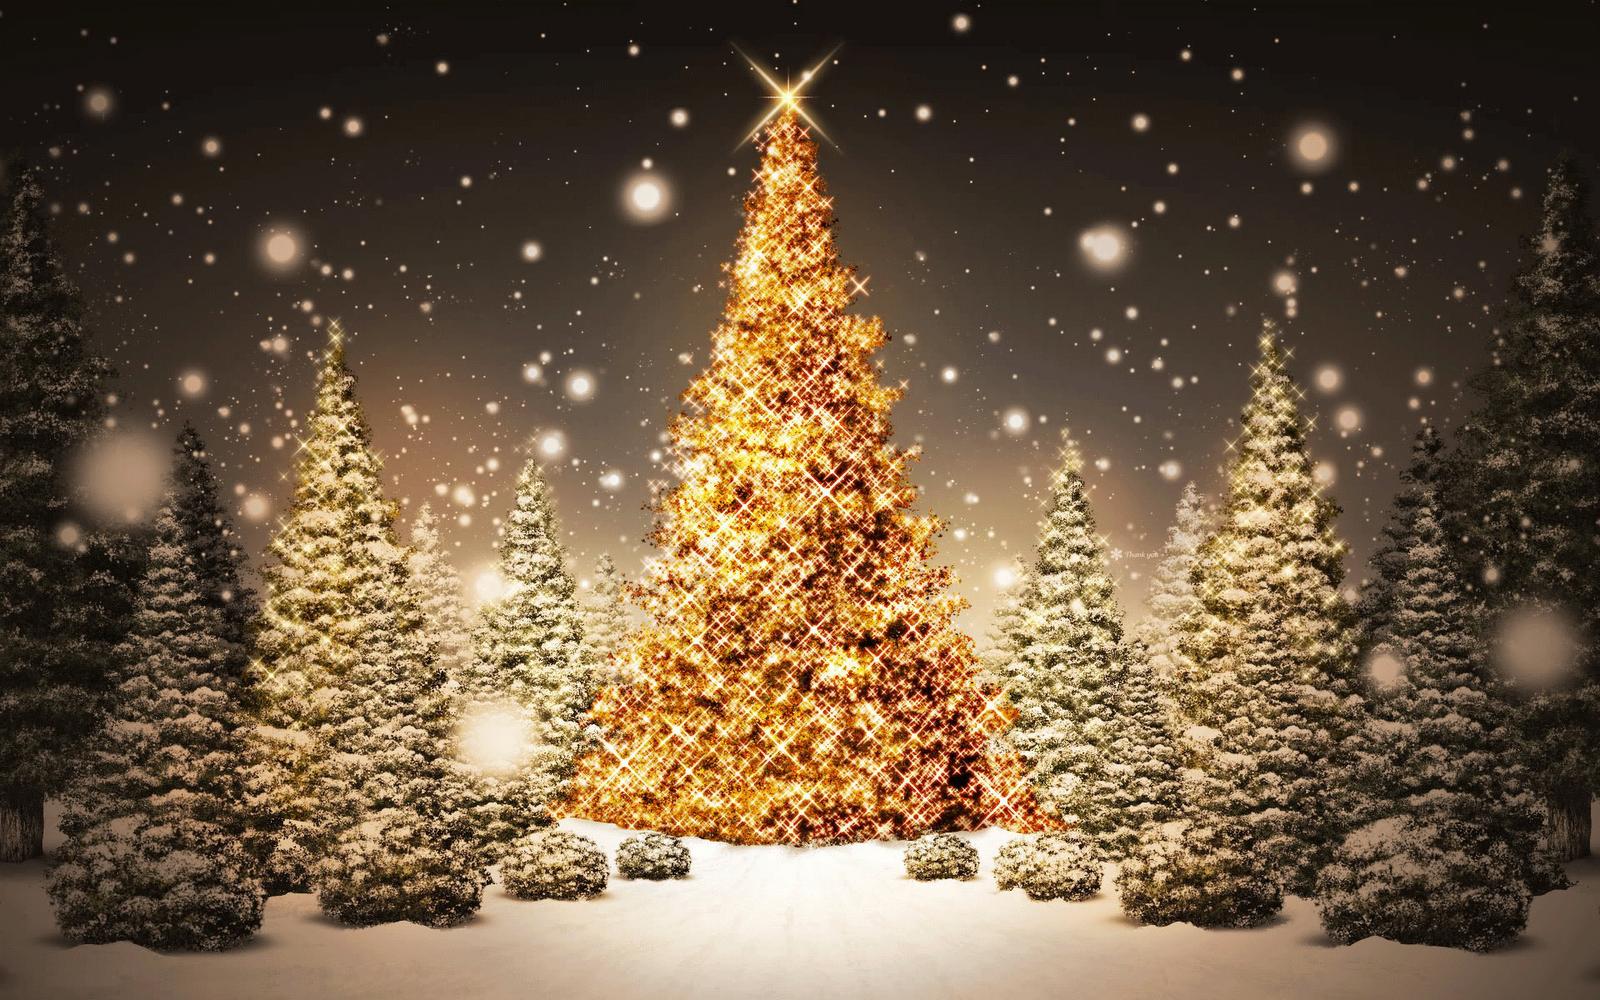 اشجار الكريسمس 2013 الميلاد2013